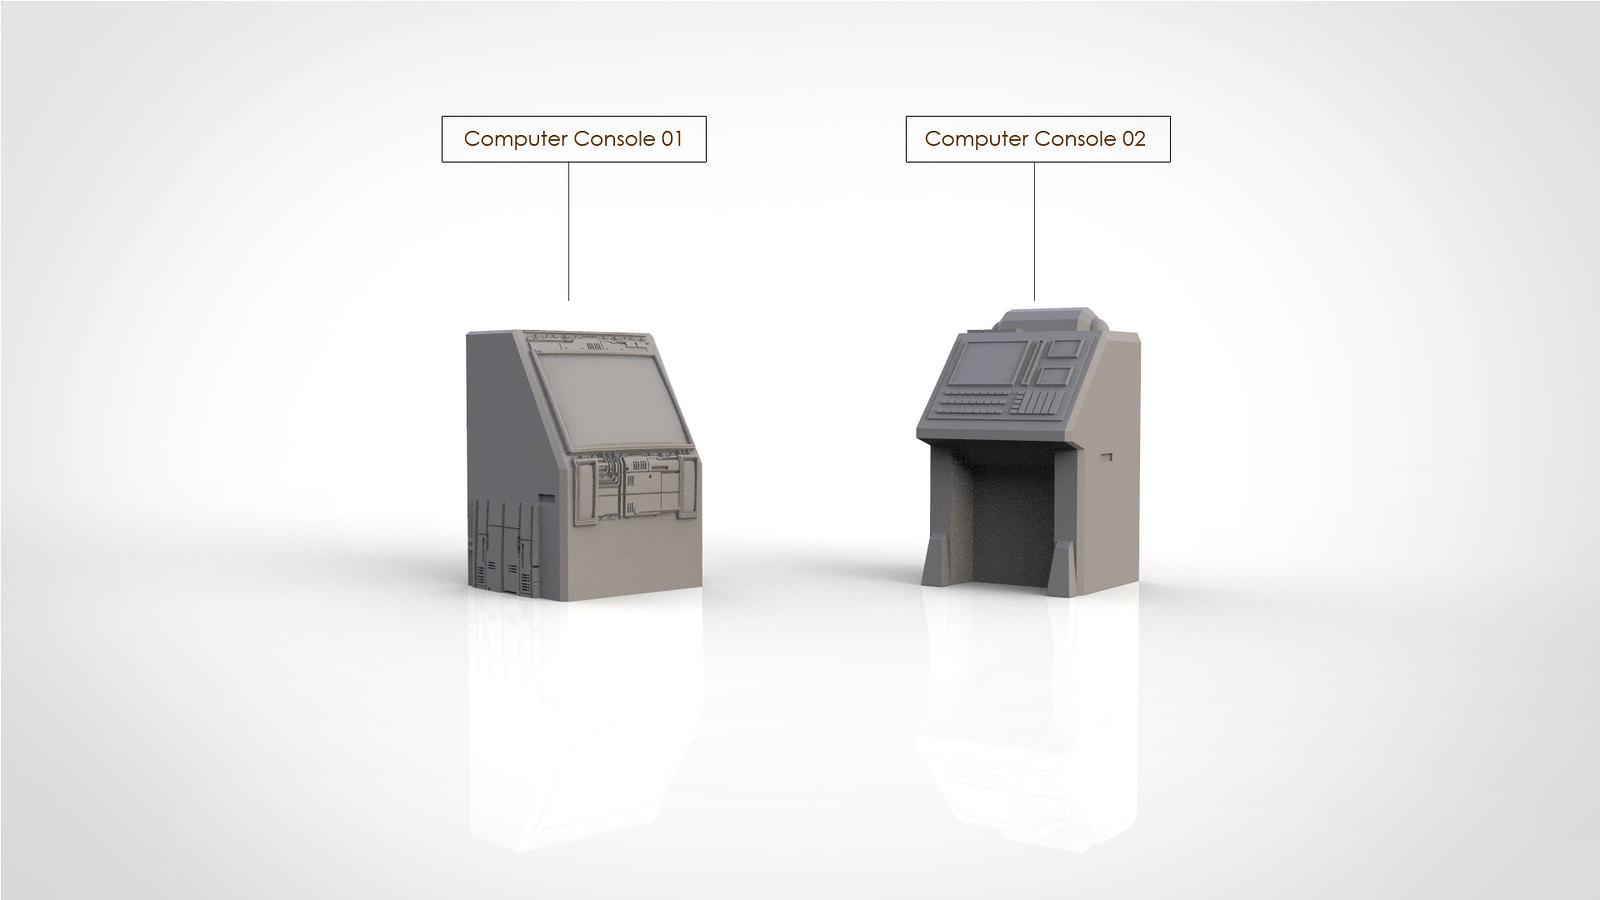 Computer Consoles